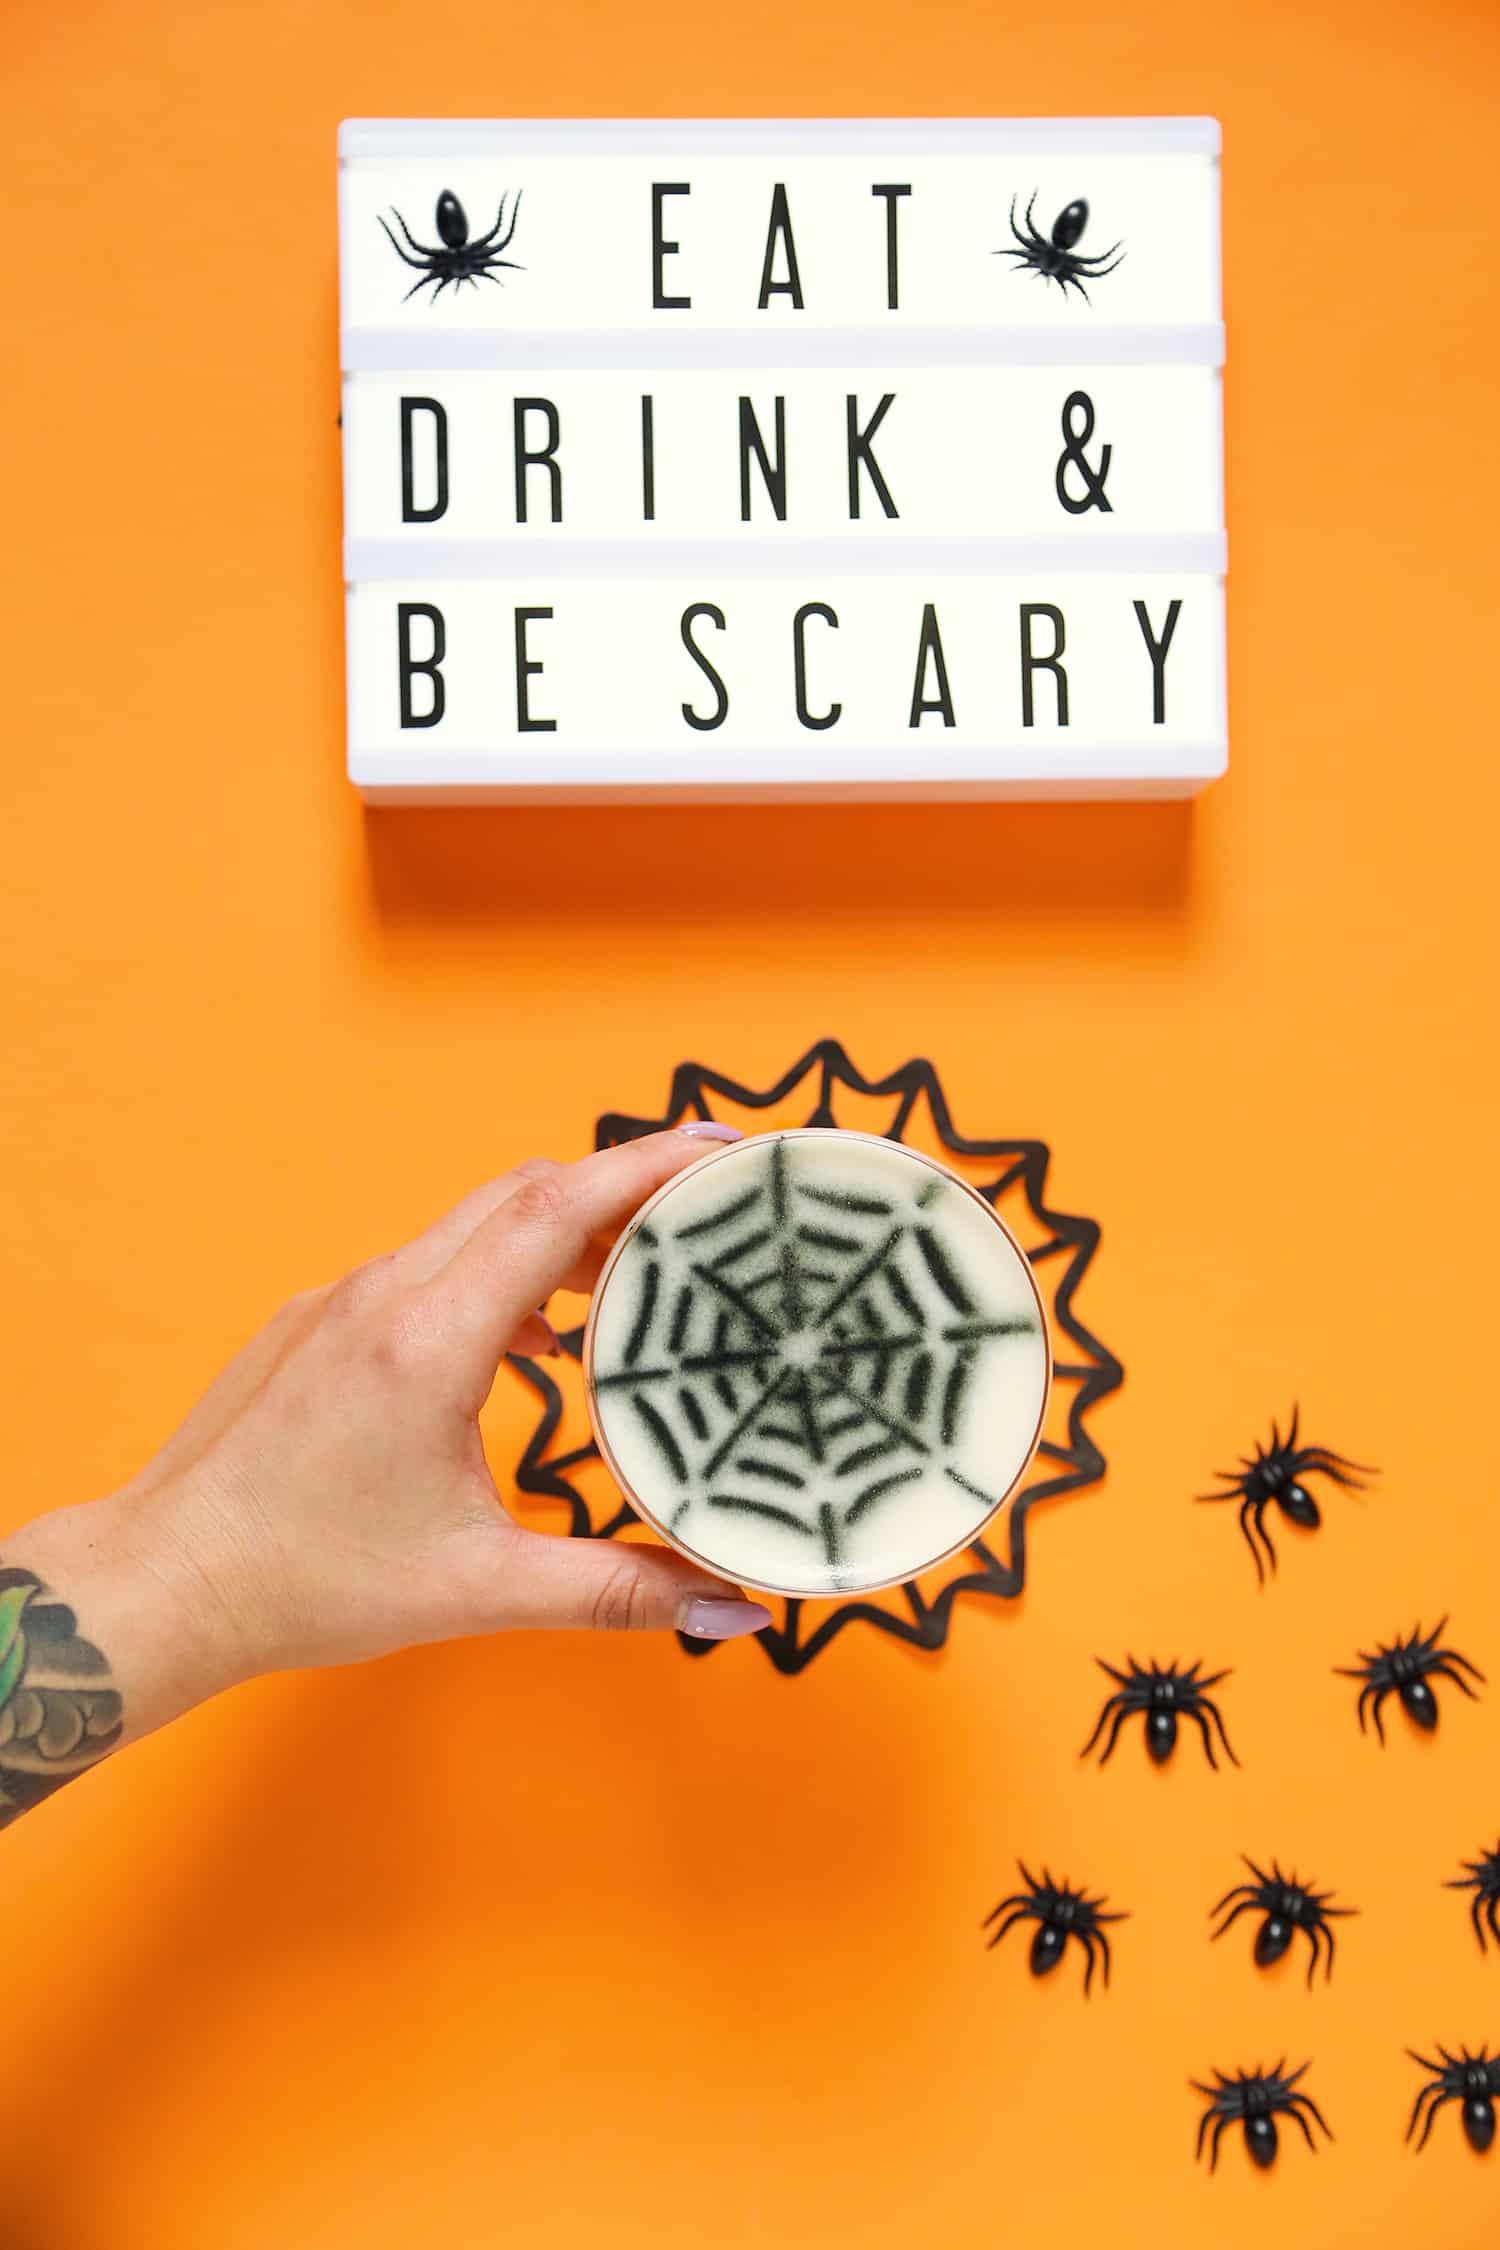 Uma festa para comer, beber e se assustar! Use plaquinhas luminosas para deixar mensagens aos seus convidados